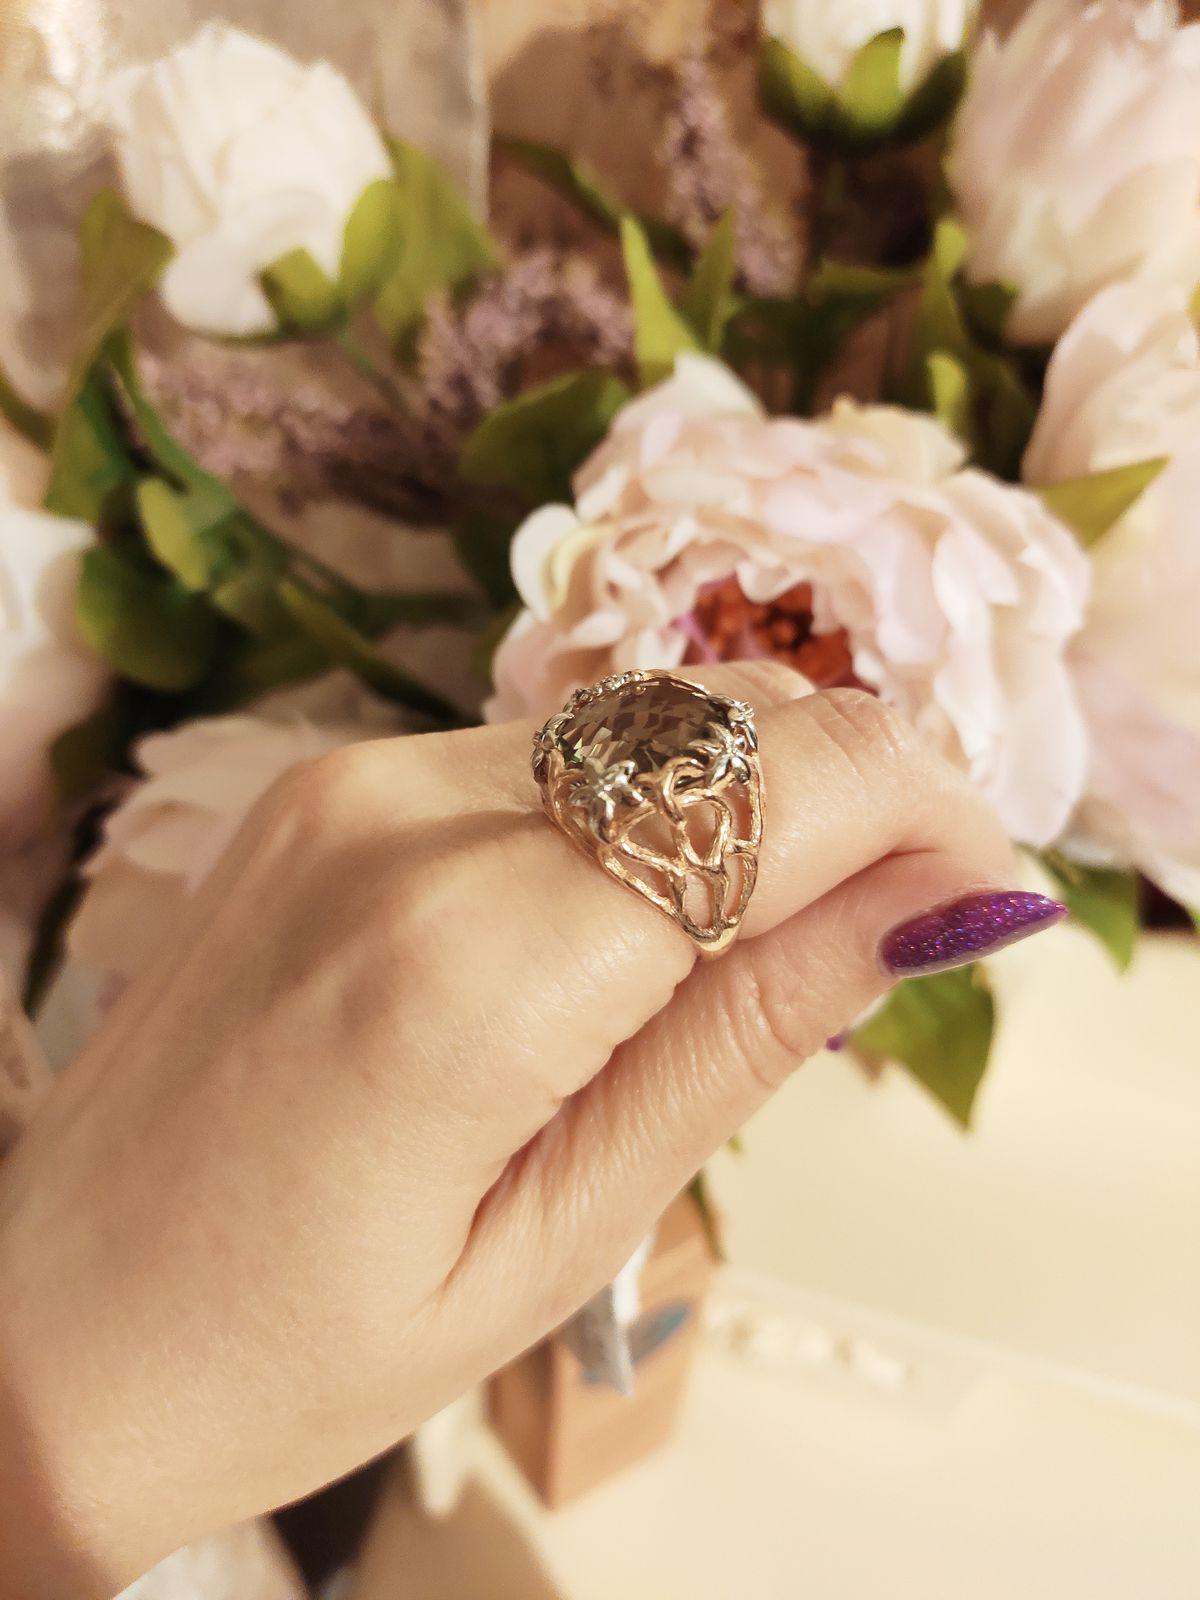 Королевское кольцо! Произведет неизгладимое впечатление!